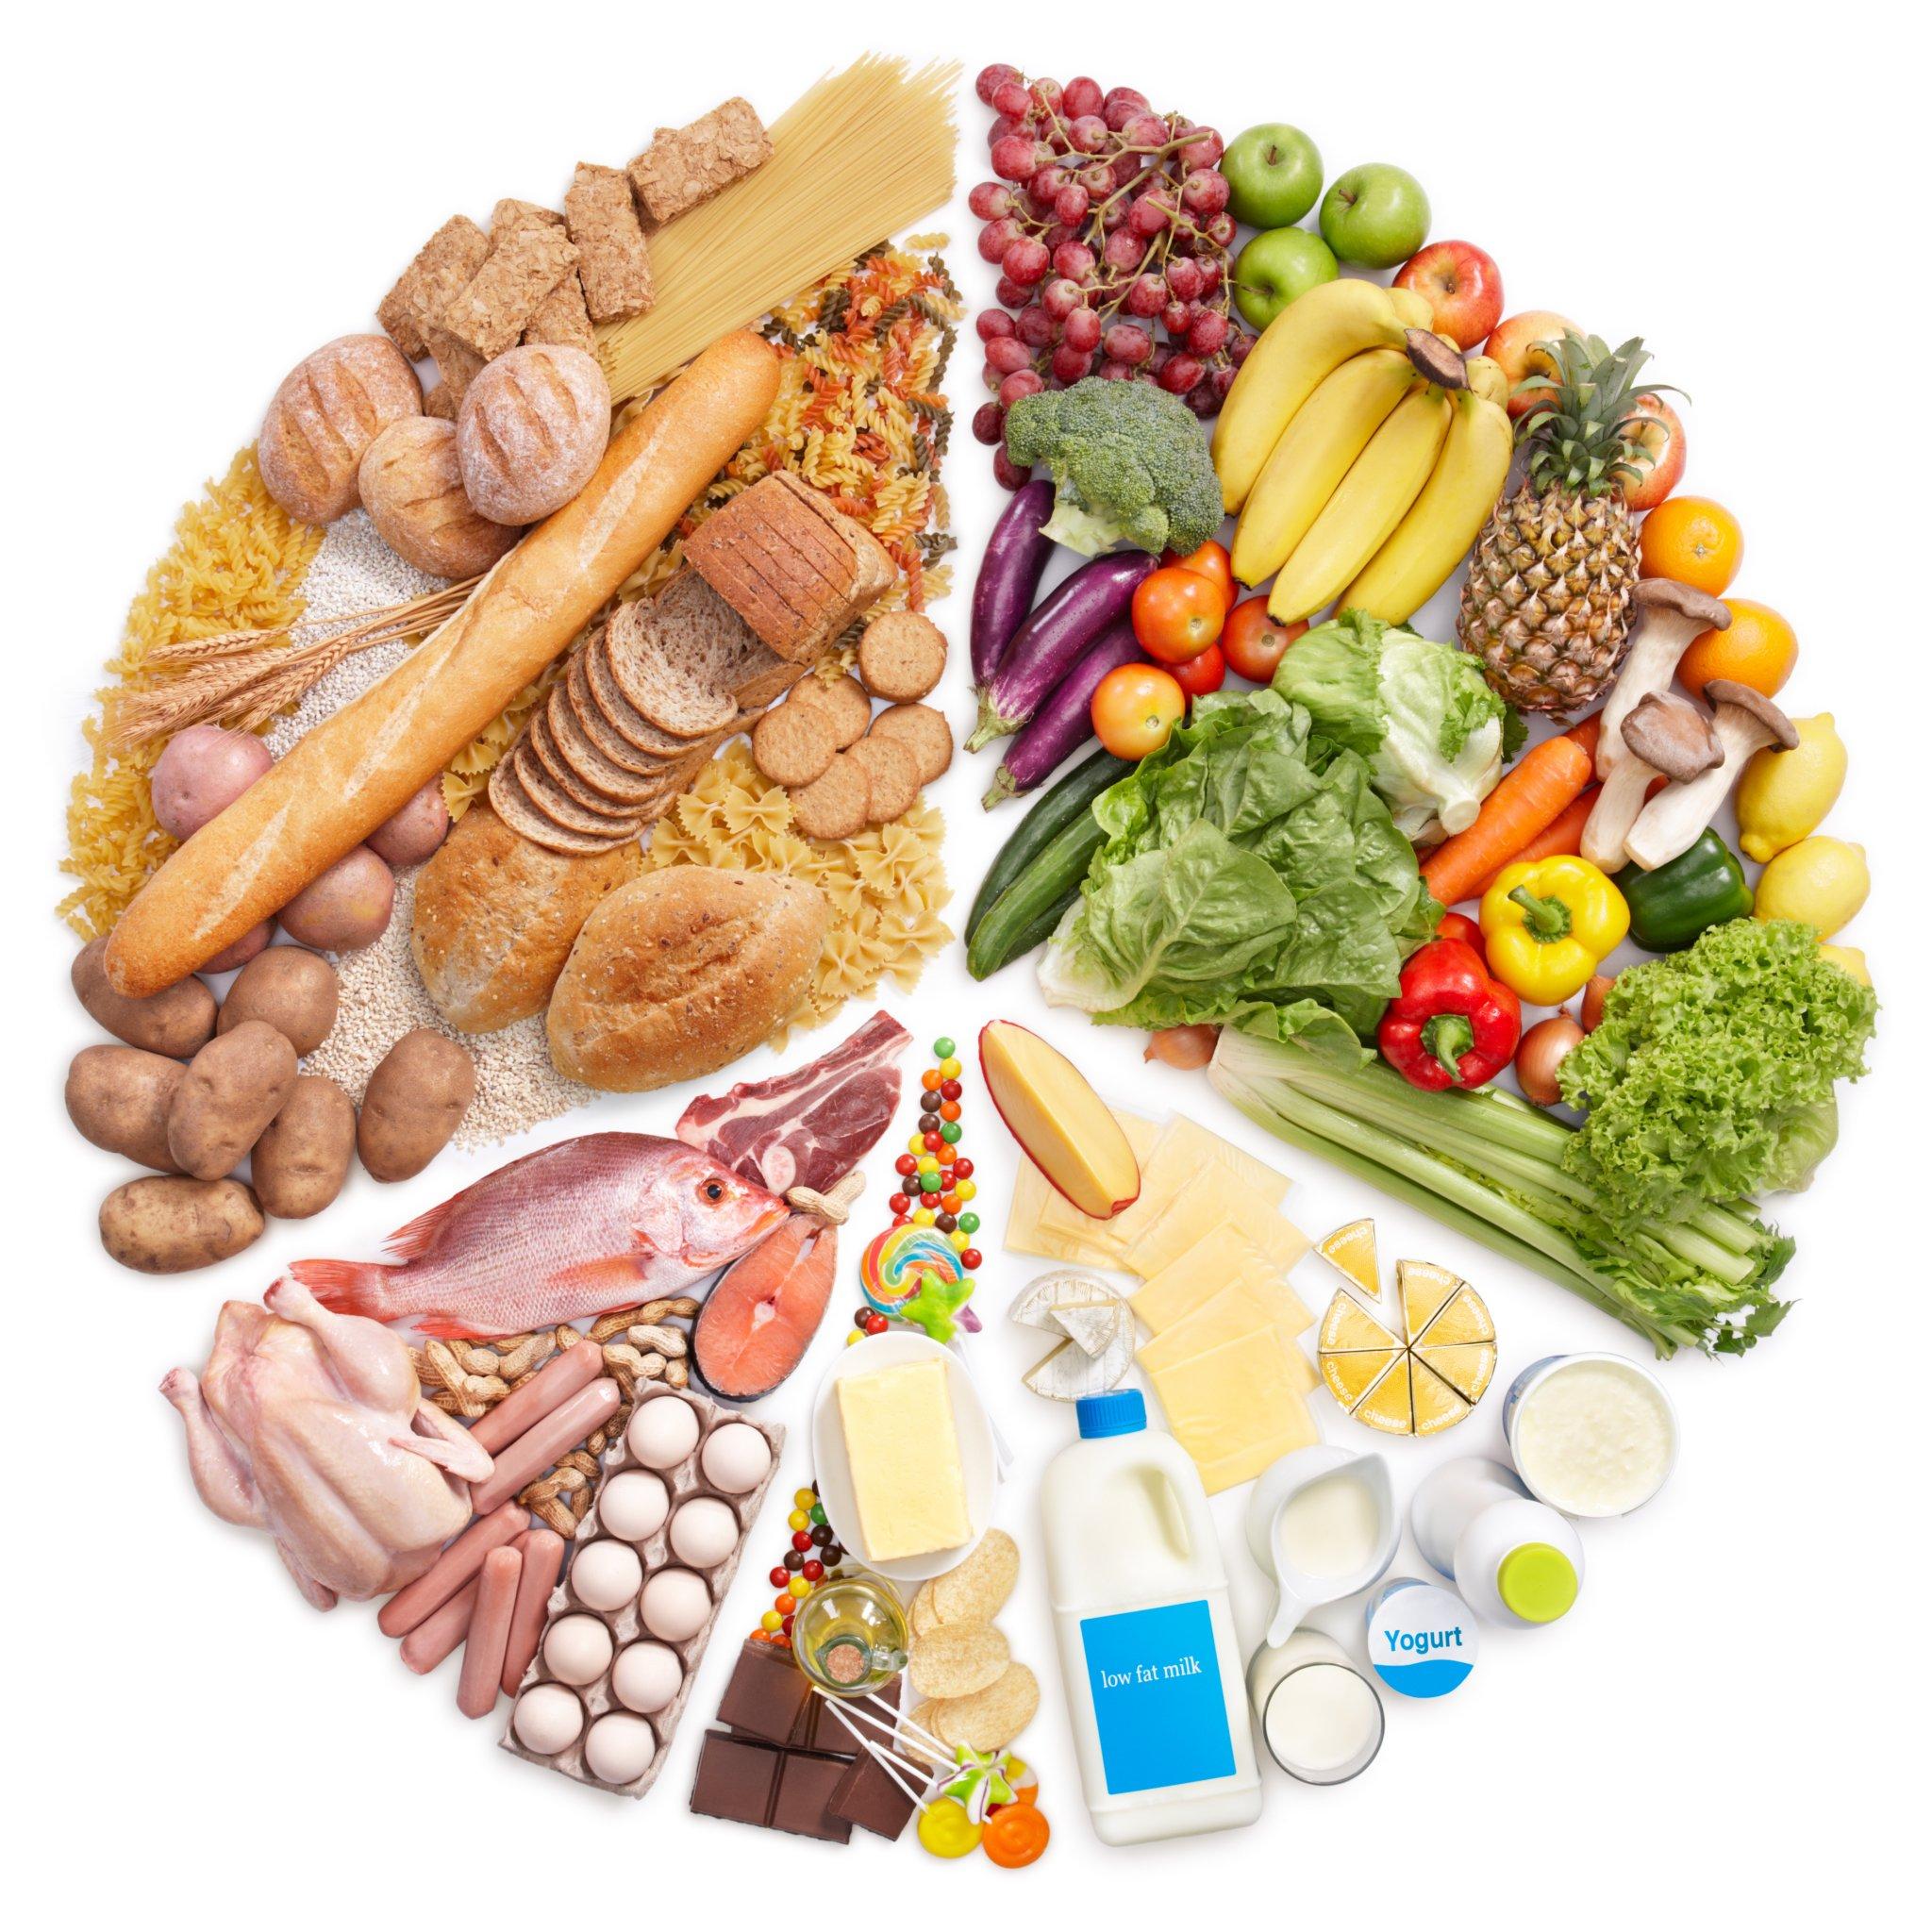 legjobb fogyókúra testformázók mennyit lehet fogyni hetente